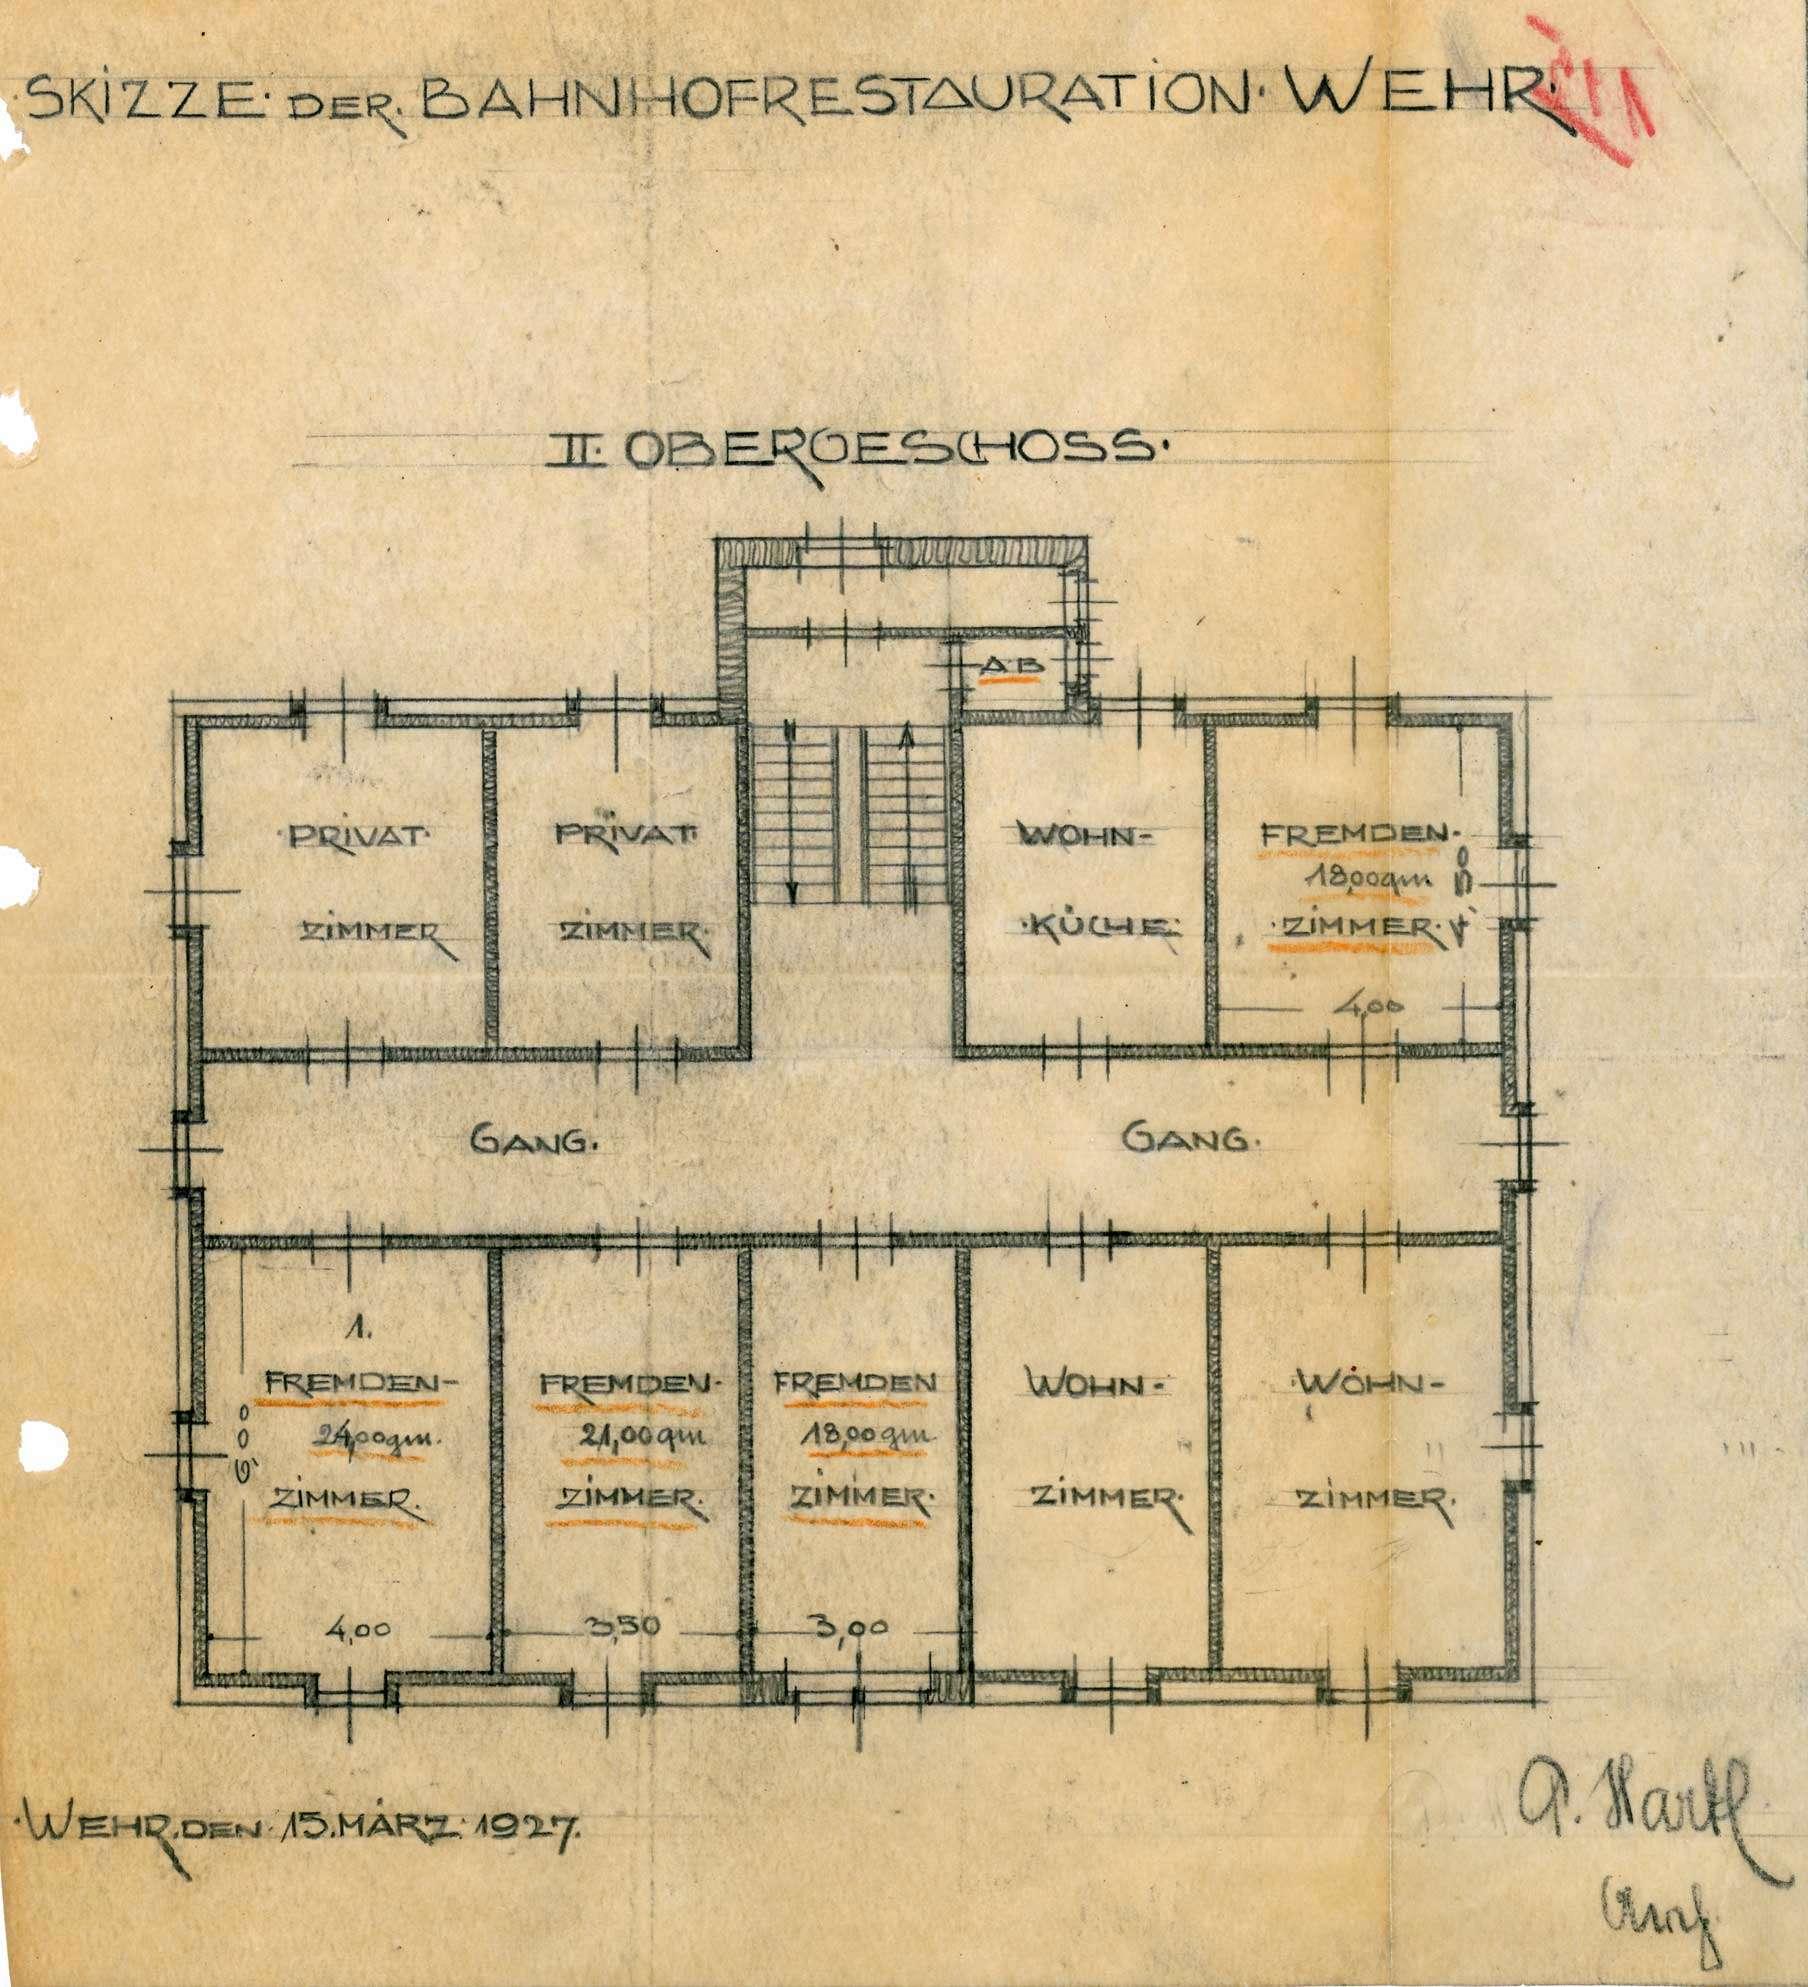 Konzessionierung und Betrieb der Bahnhofswirtschaft mit Branntweinausschank in Wehr, Bild 2